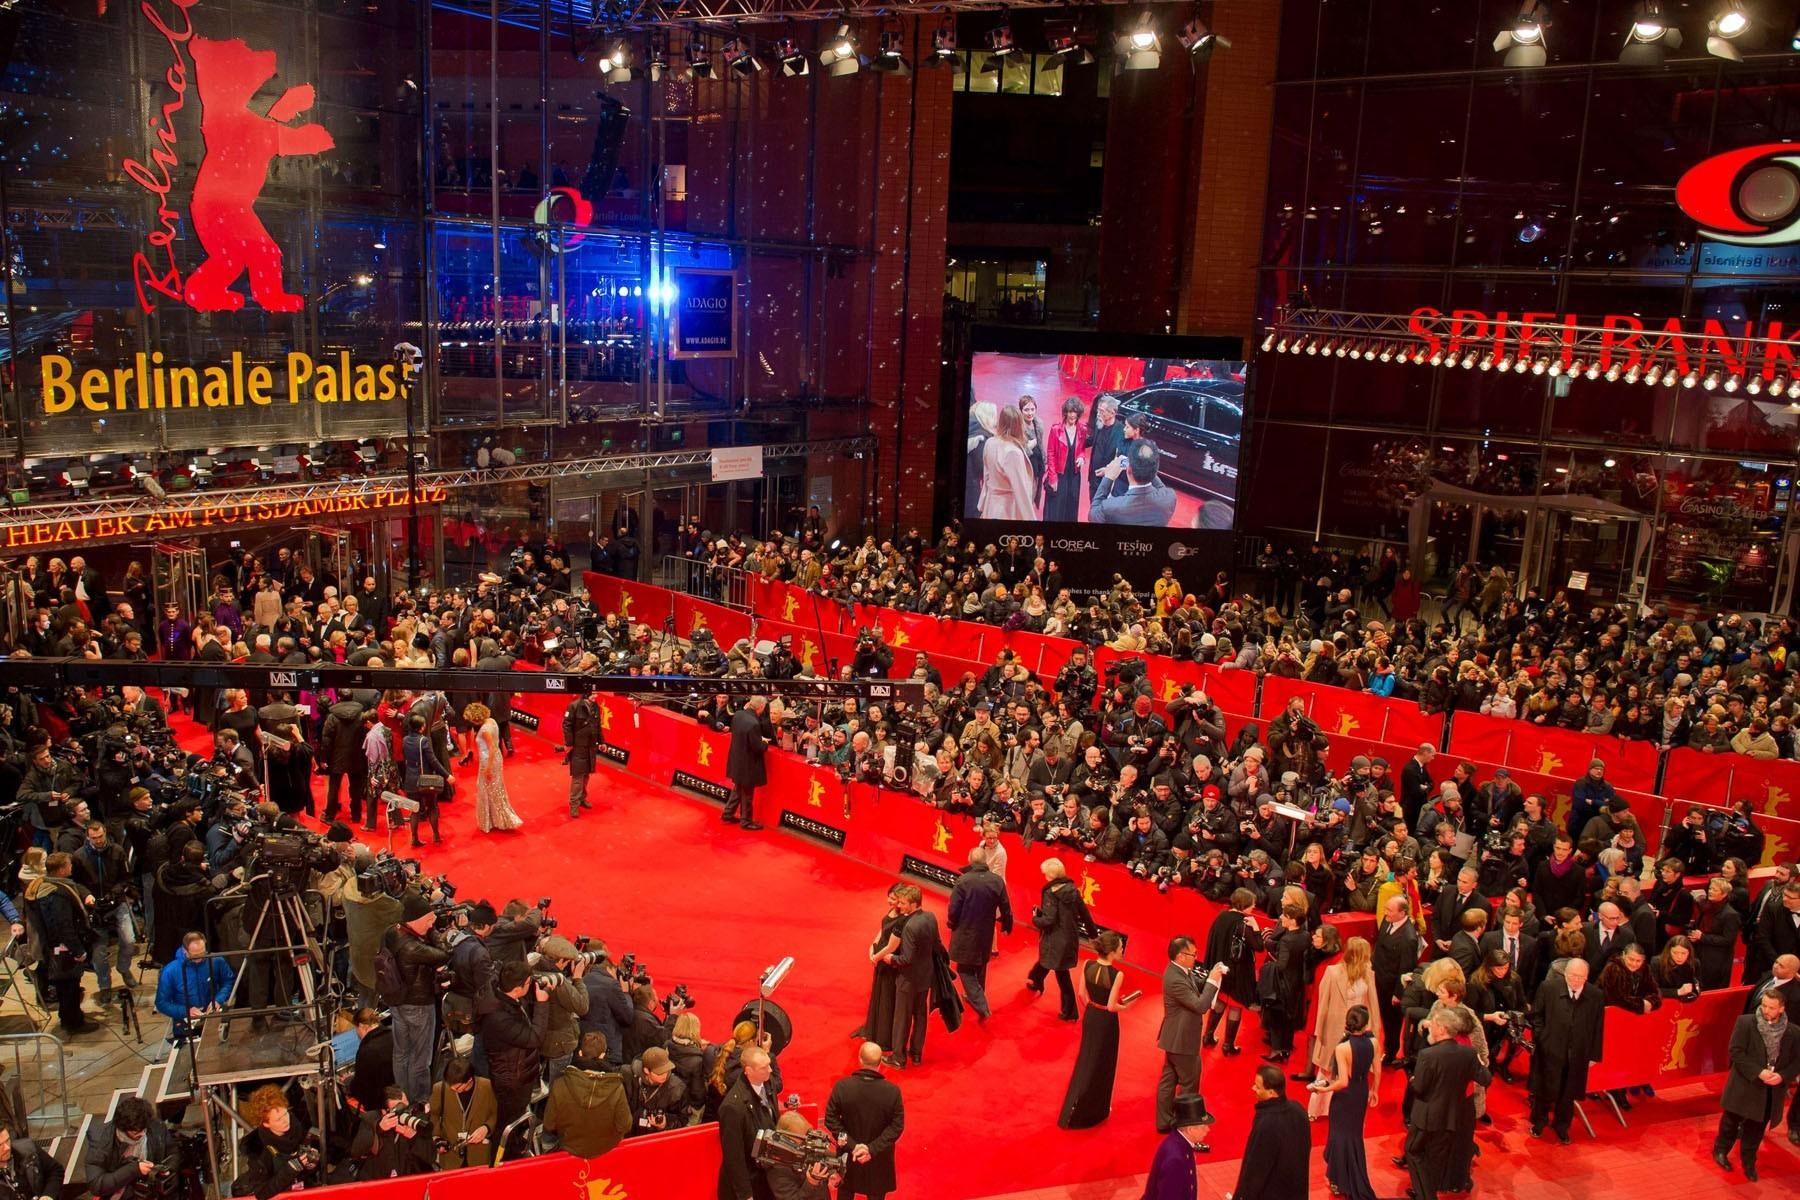 Берлинале-2017 открылся: фото звёзд скрасной дорожки